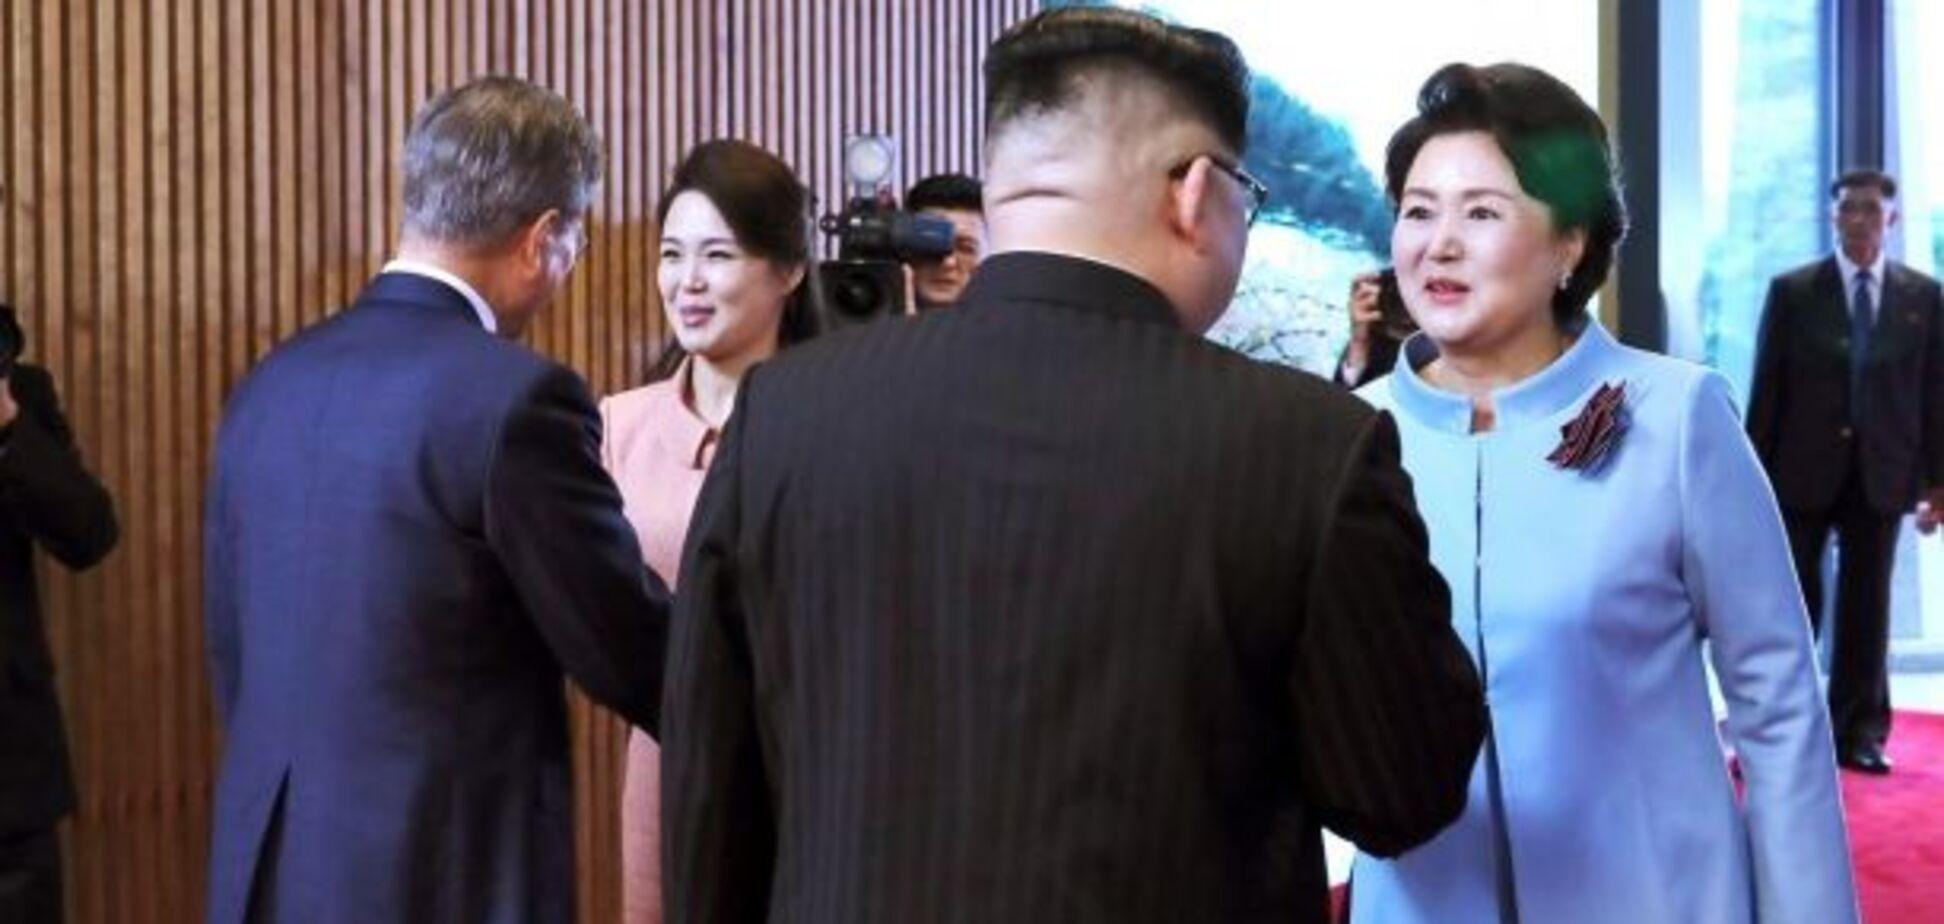 Ким Чен Ын грубо оттолкнул фотографа от своей жены: появилось видео